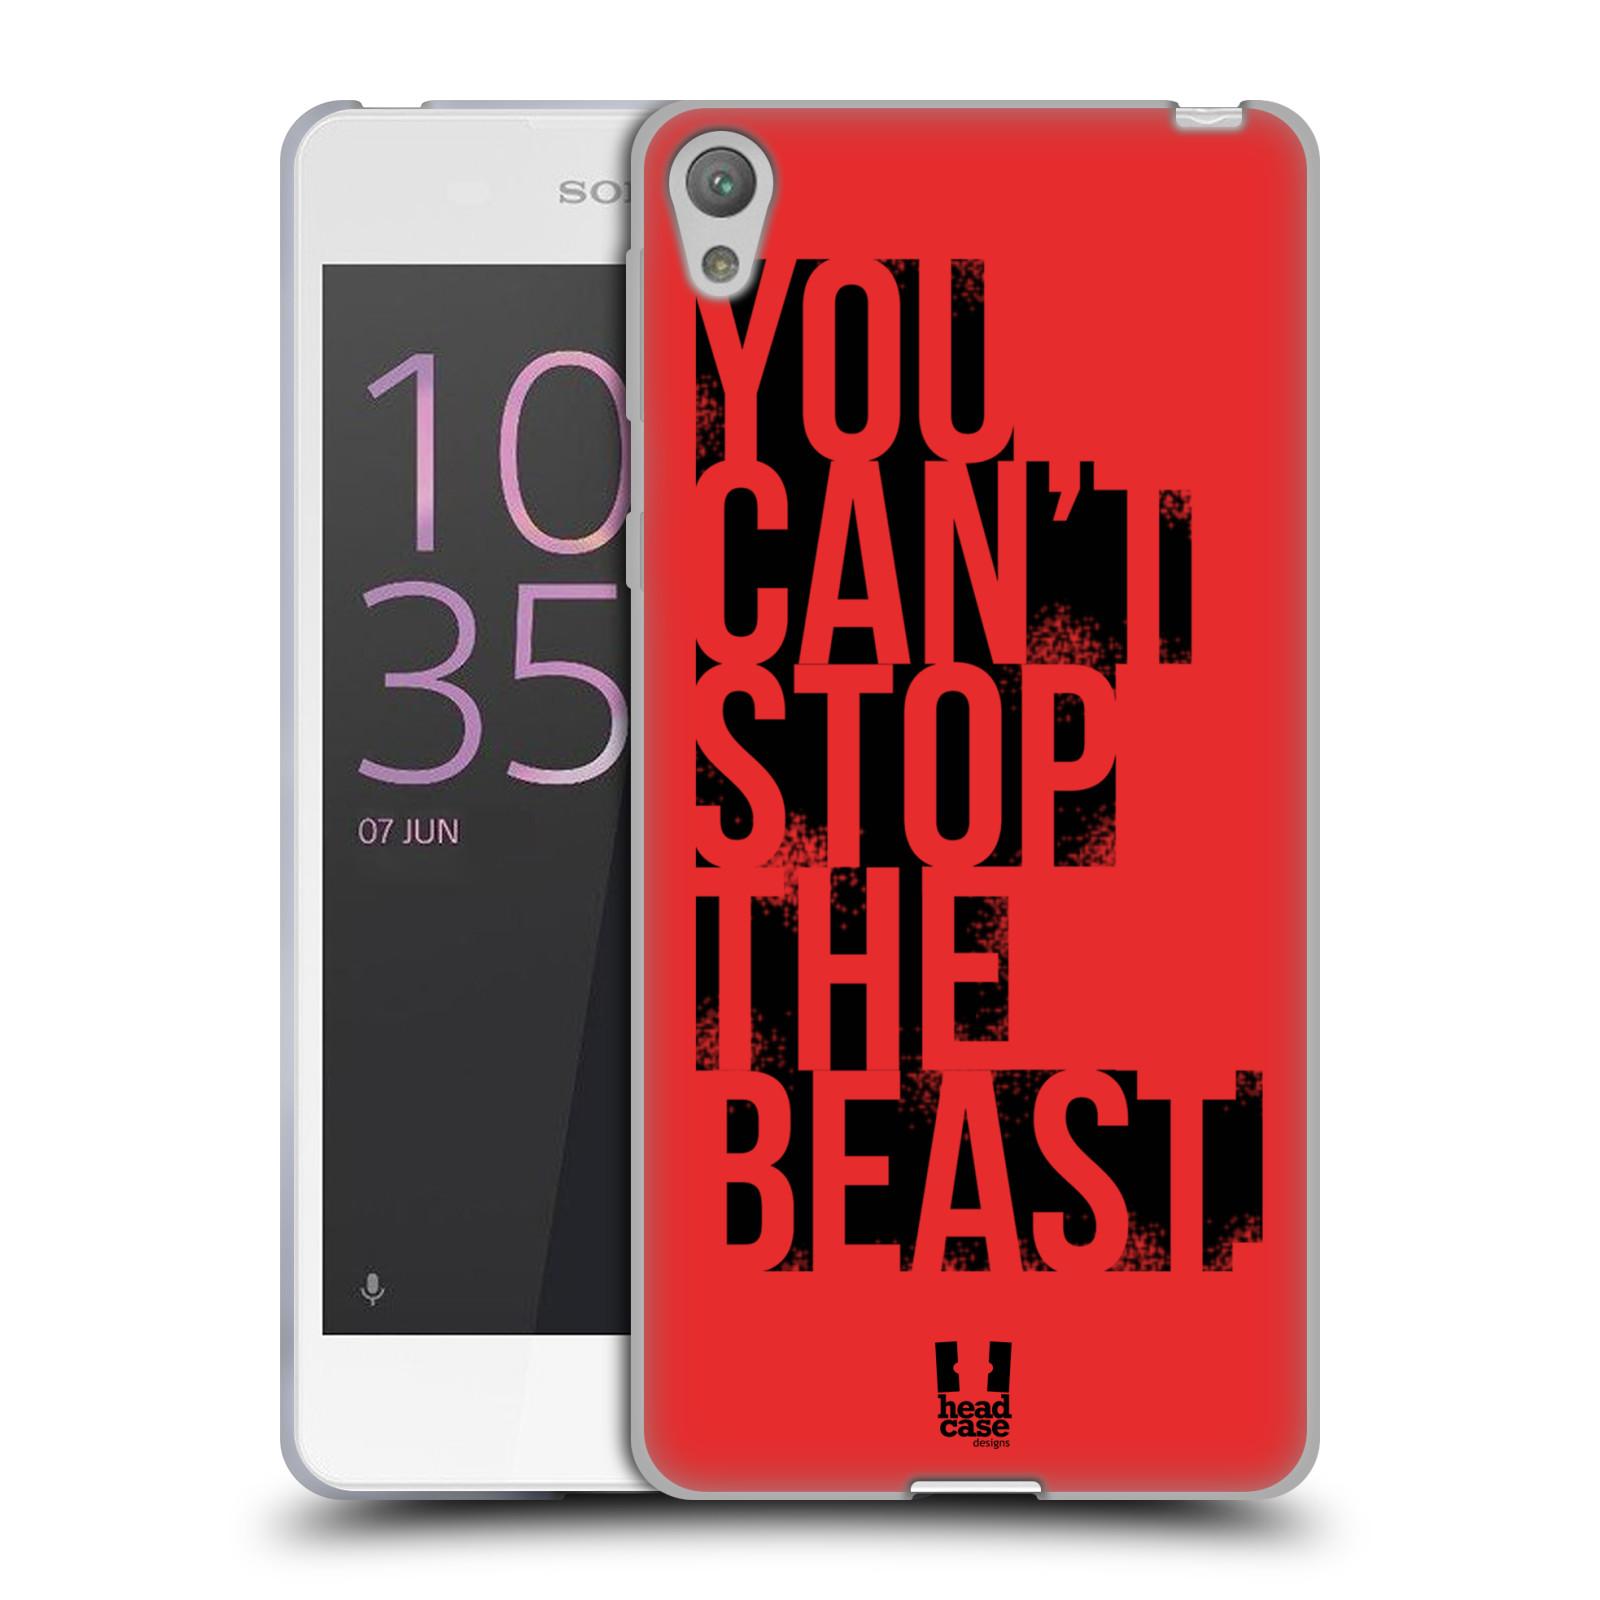 HEAD CASE silikonový obal na mobil Sony Xperia E5 Sportovní tématika Beast mode červená